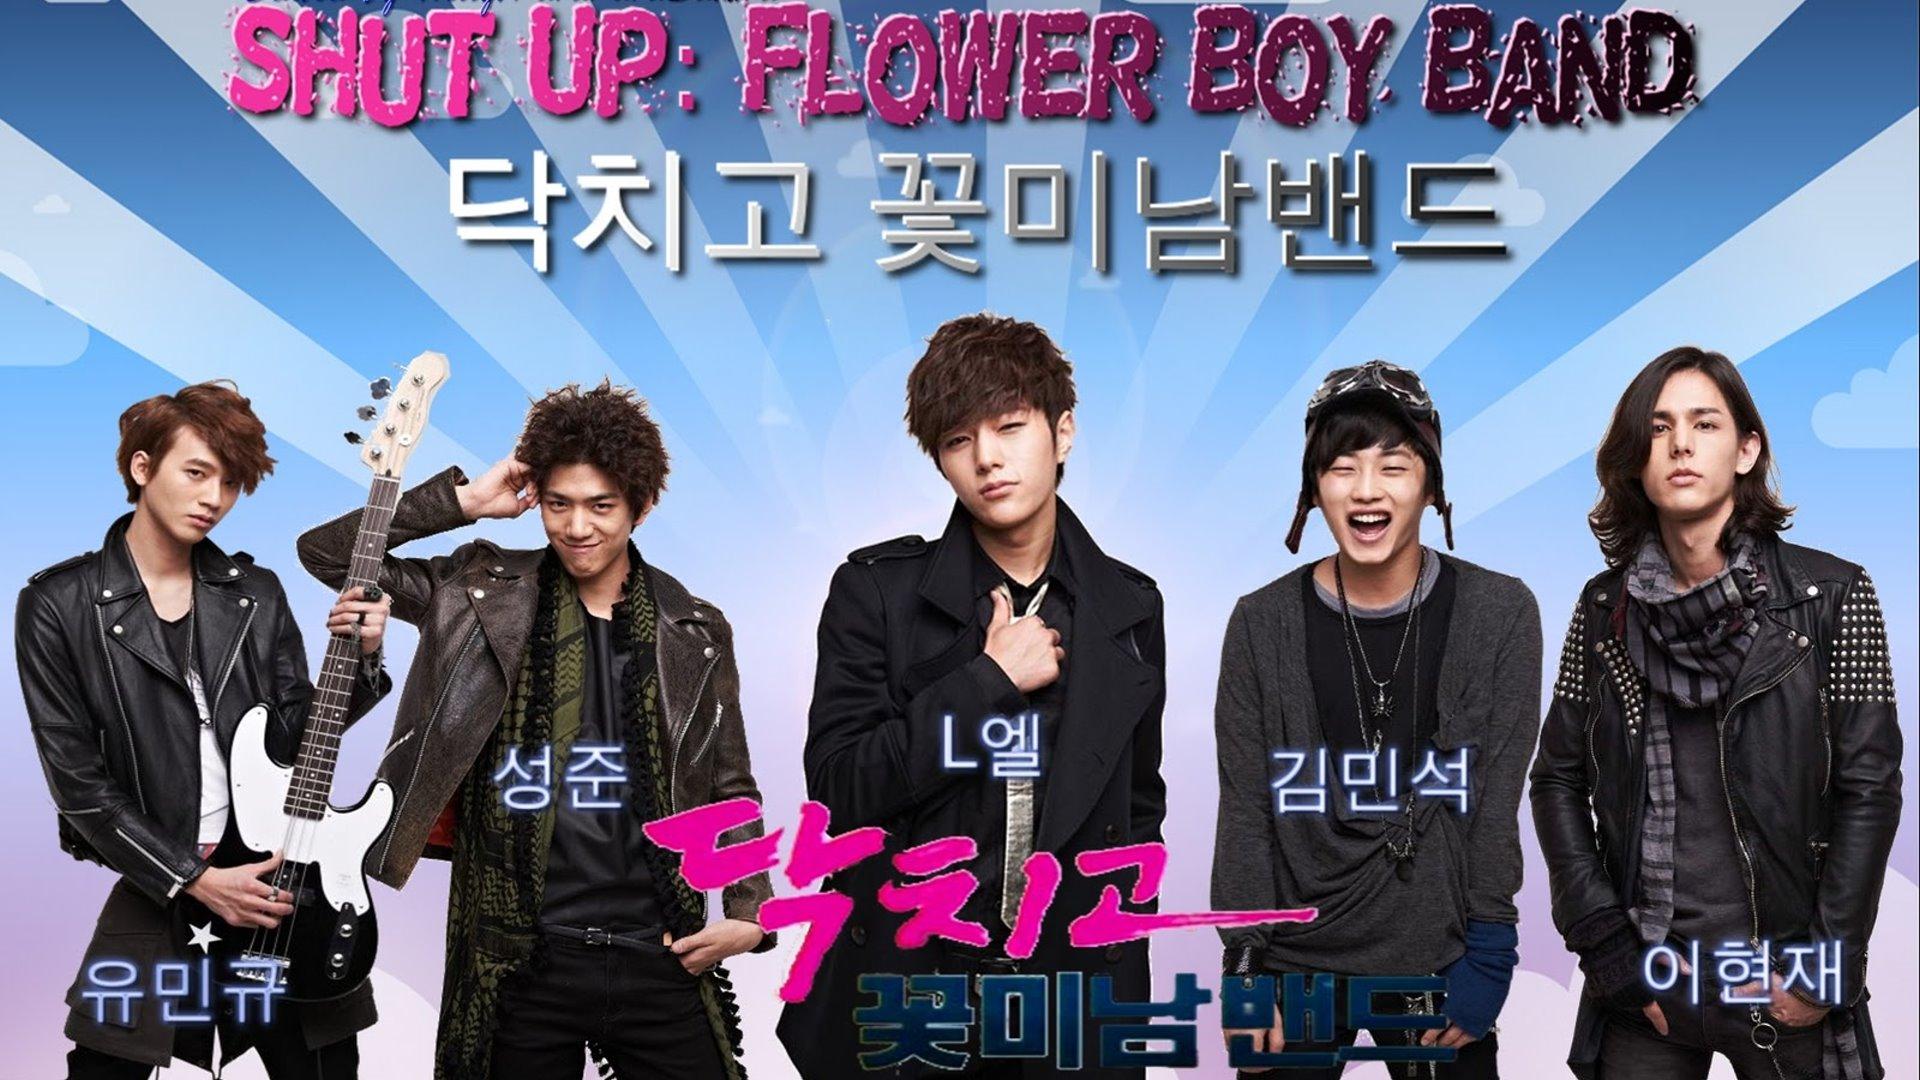 دانلود سریال Shut Up Flower Boy Band